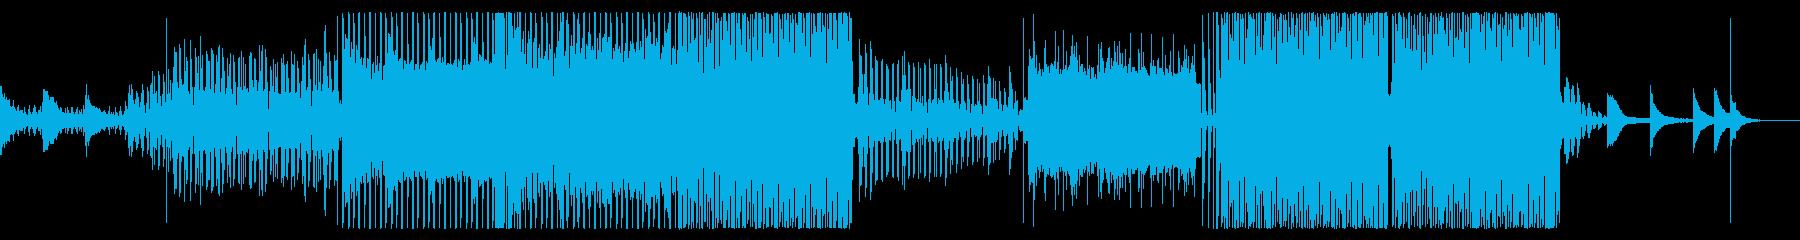 シネマティック/アパレル/ディープハウスの再生済みの波形